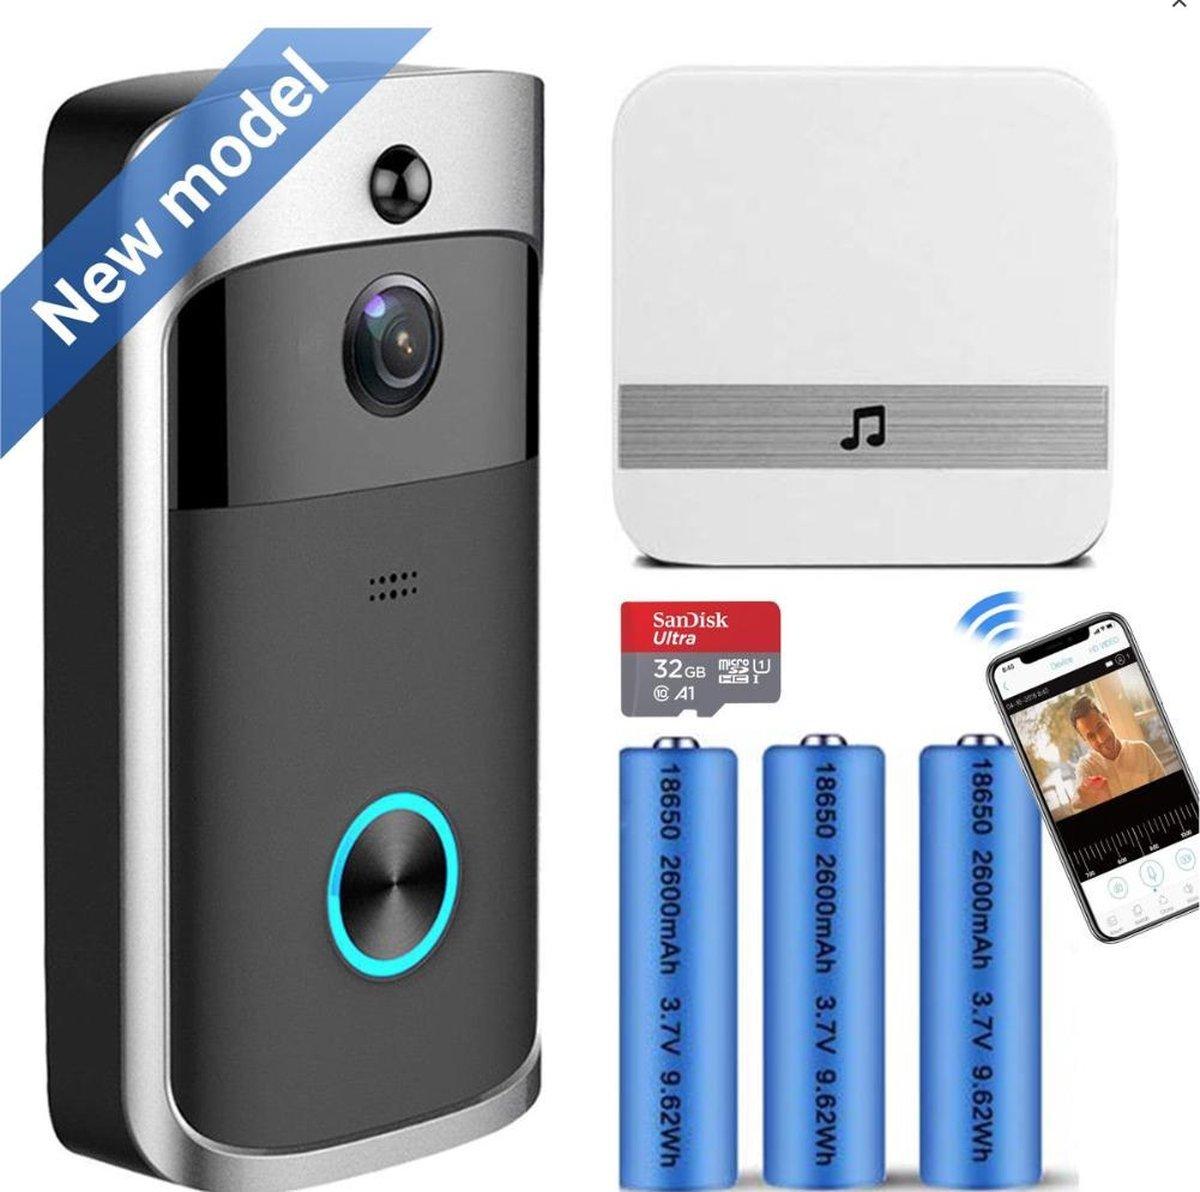 Deurbel met camera - Slimme Video Deurbel Draadloos HD - 2,4GHz - Wifi